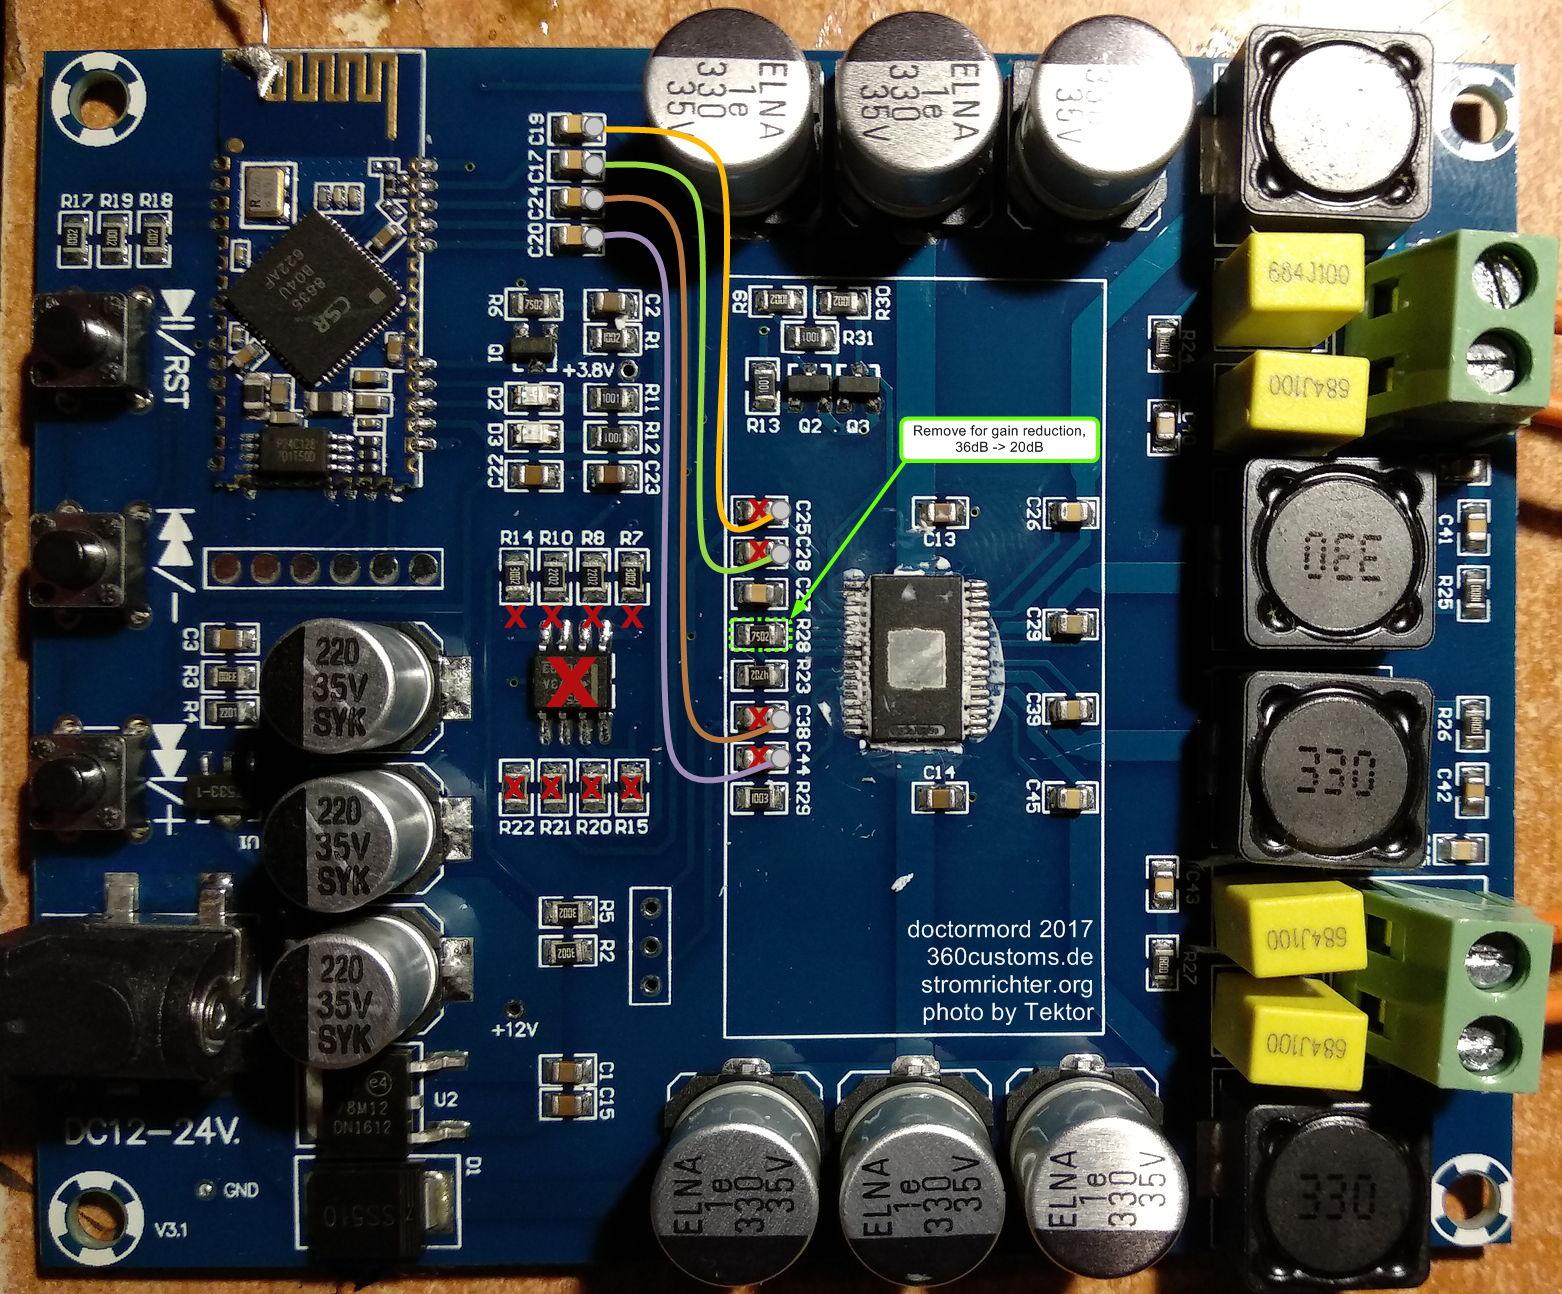 SANWU TPA3116 + CSR8635 Bluetooth 4.0 - Noise Fix-unknown_brand_v3-1_tpa3116_sediff_fix_360customs-jpg